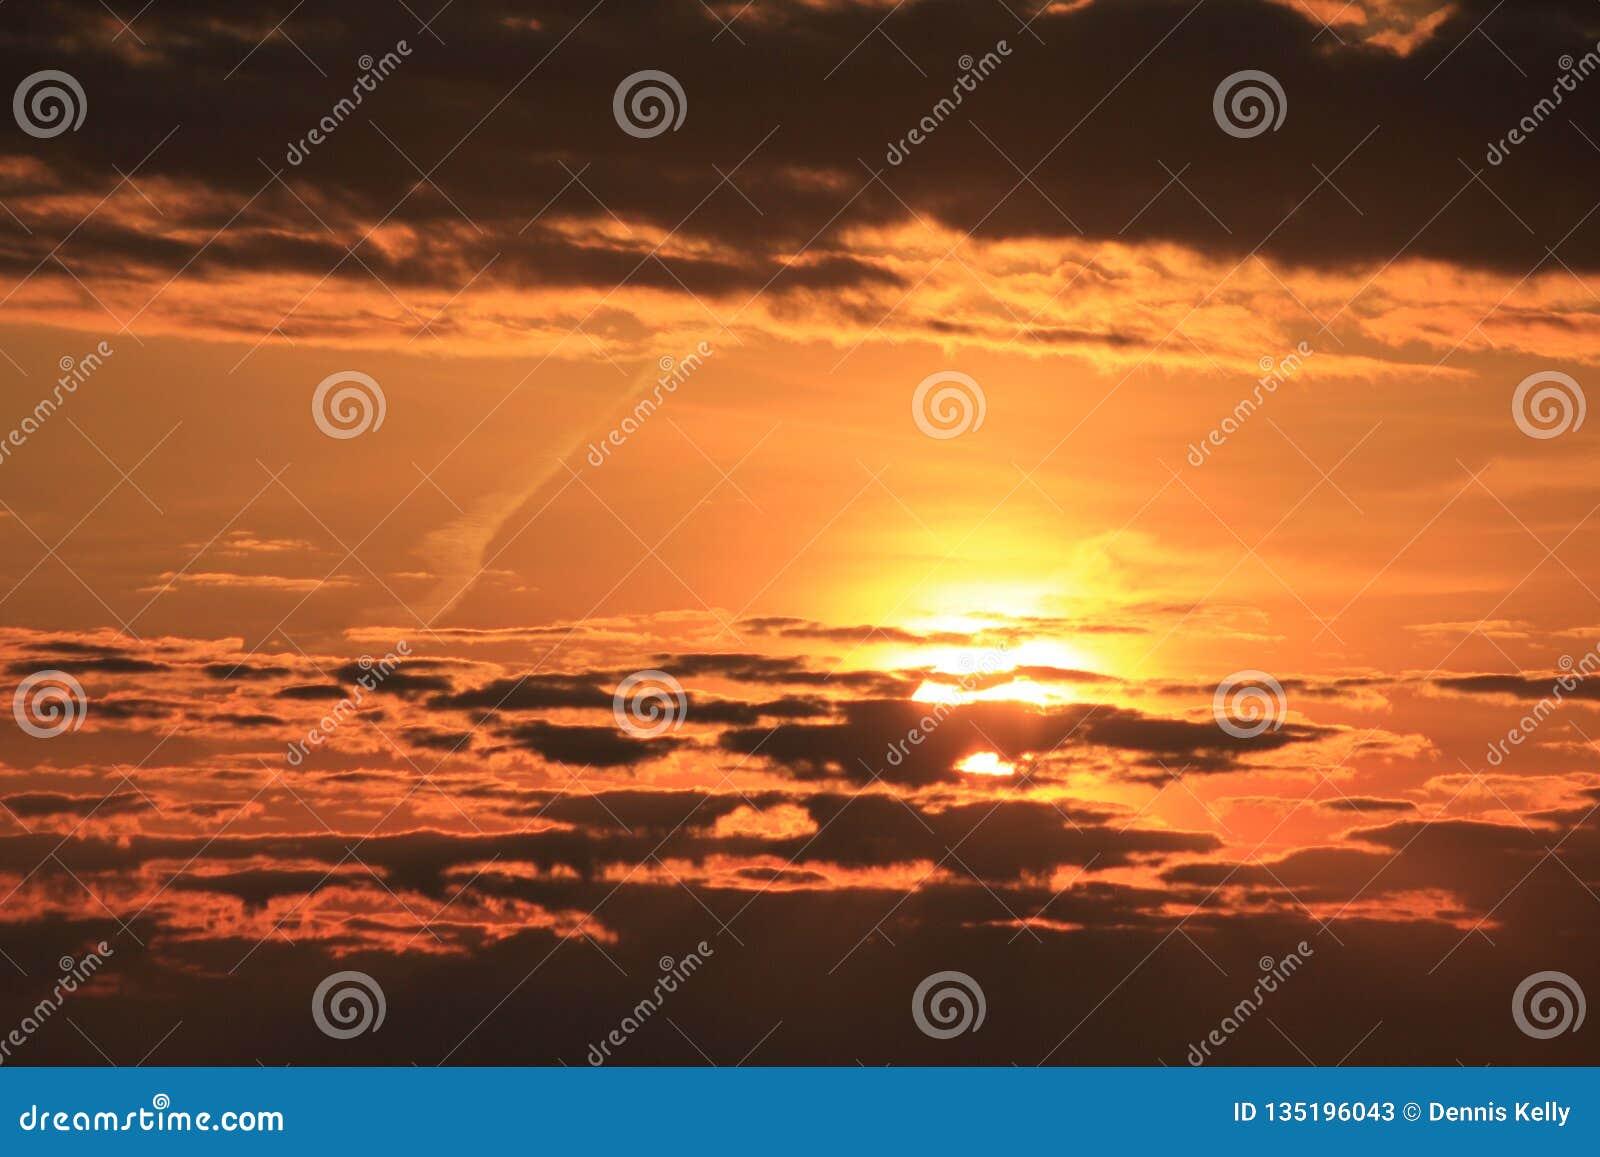 Shell Island Florida chillaxing solbränna som solbadar solnedgång